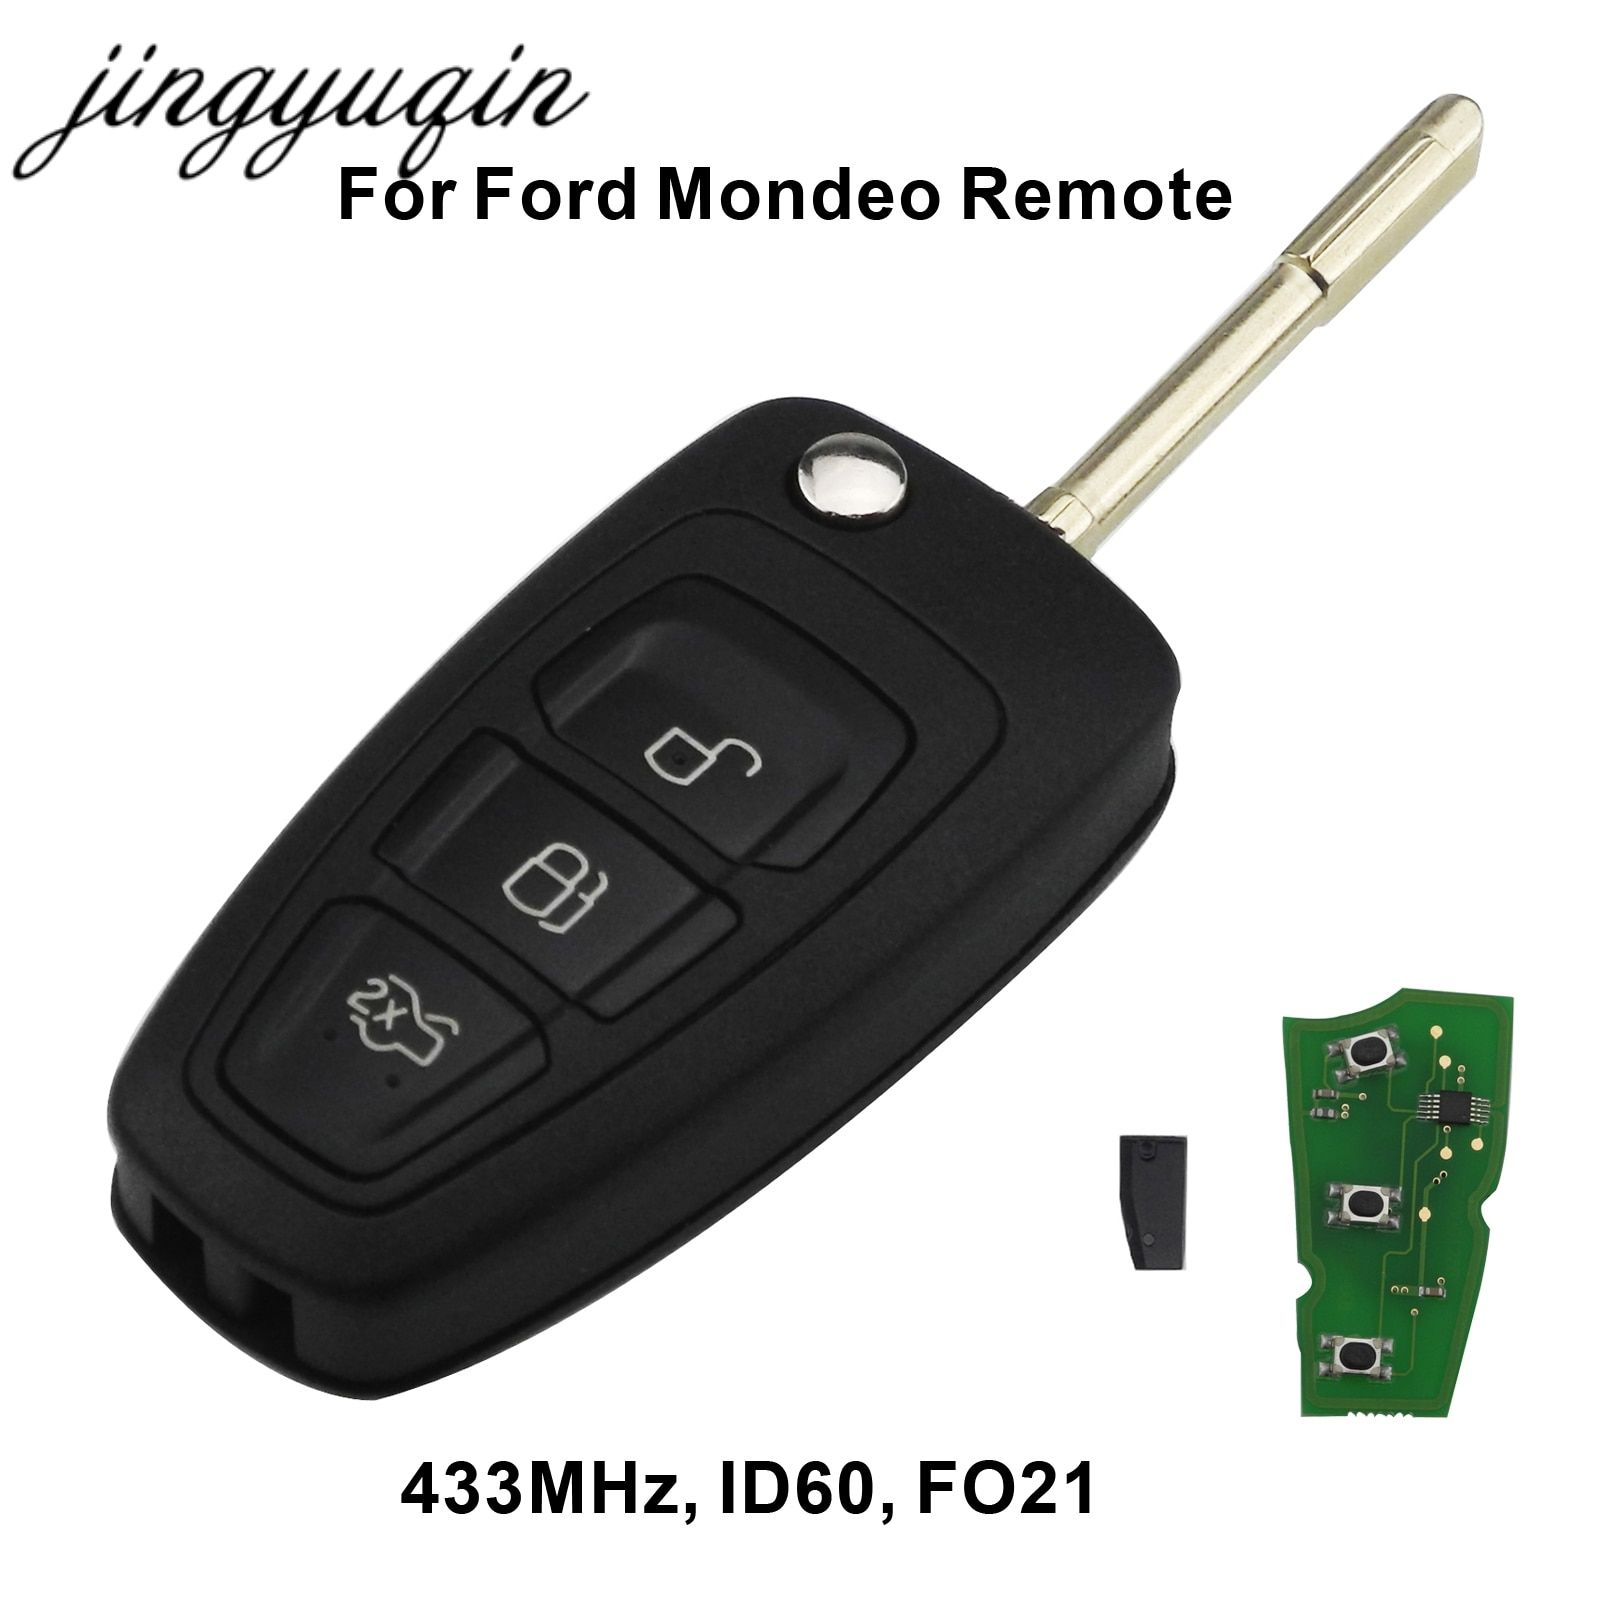 Jingyuqin 3 Tasten Flip Remote Key Fob Mit Chip 4D60 Für Ford Focus Mk1 Mondeo Transit Connect 433 mhz